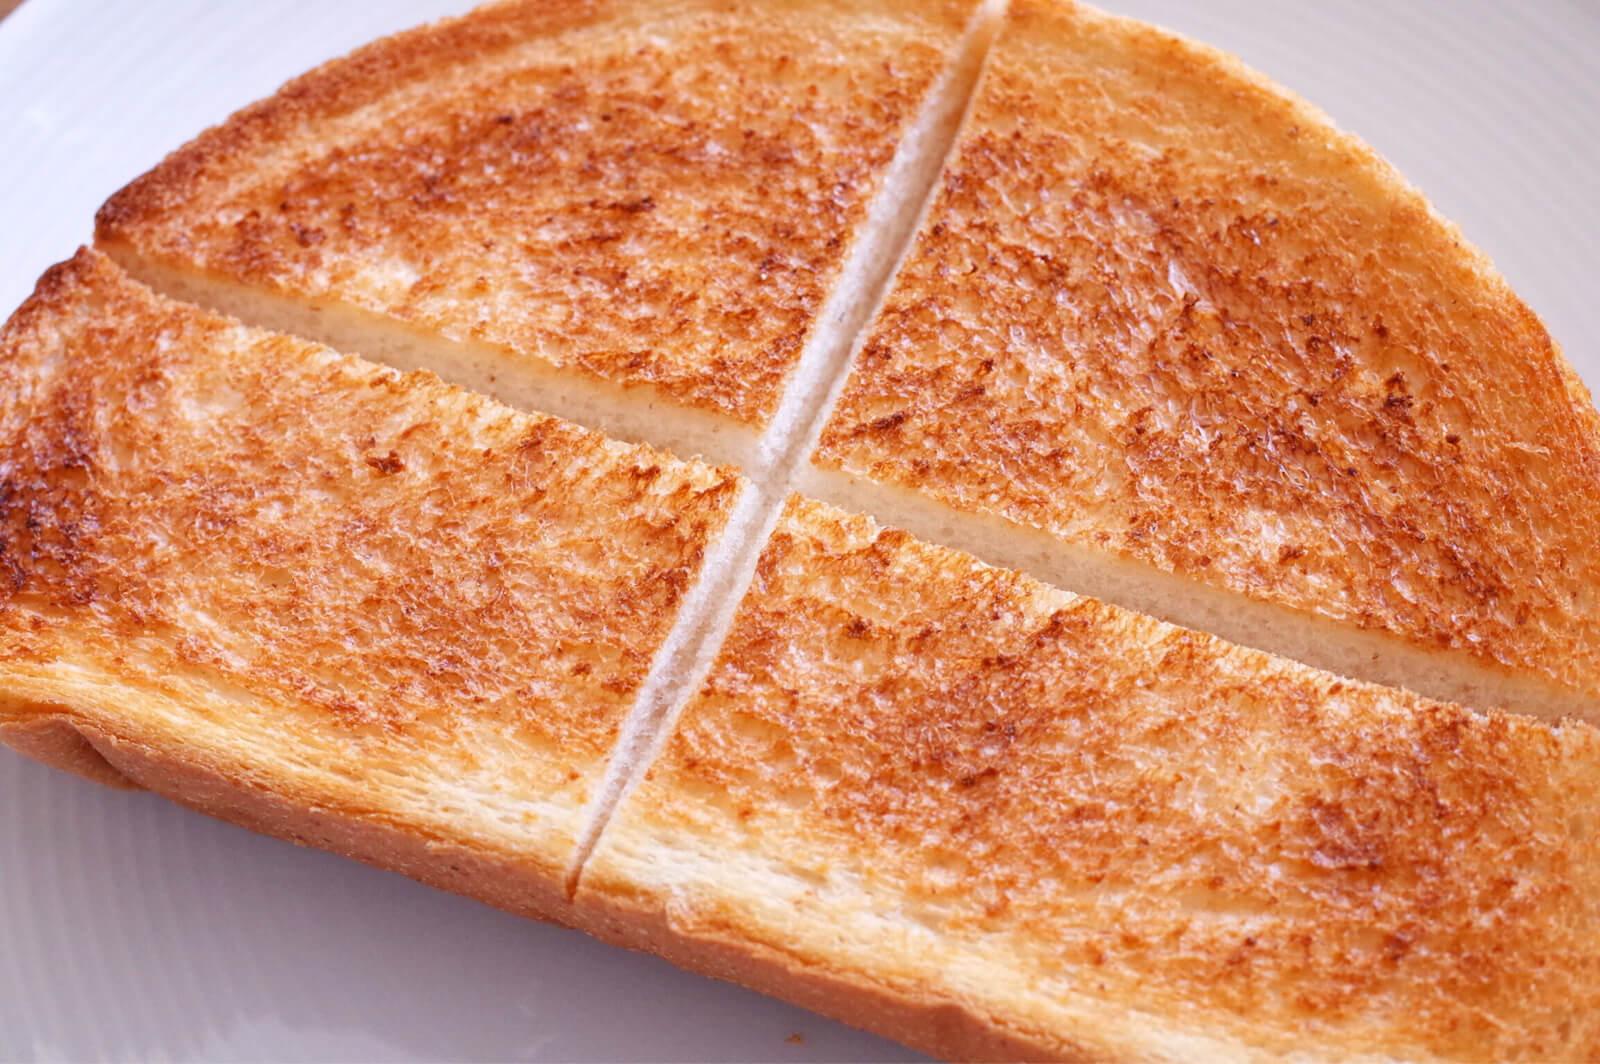 バルミューダ トースター 焼き上がり